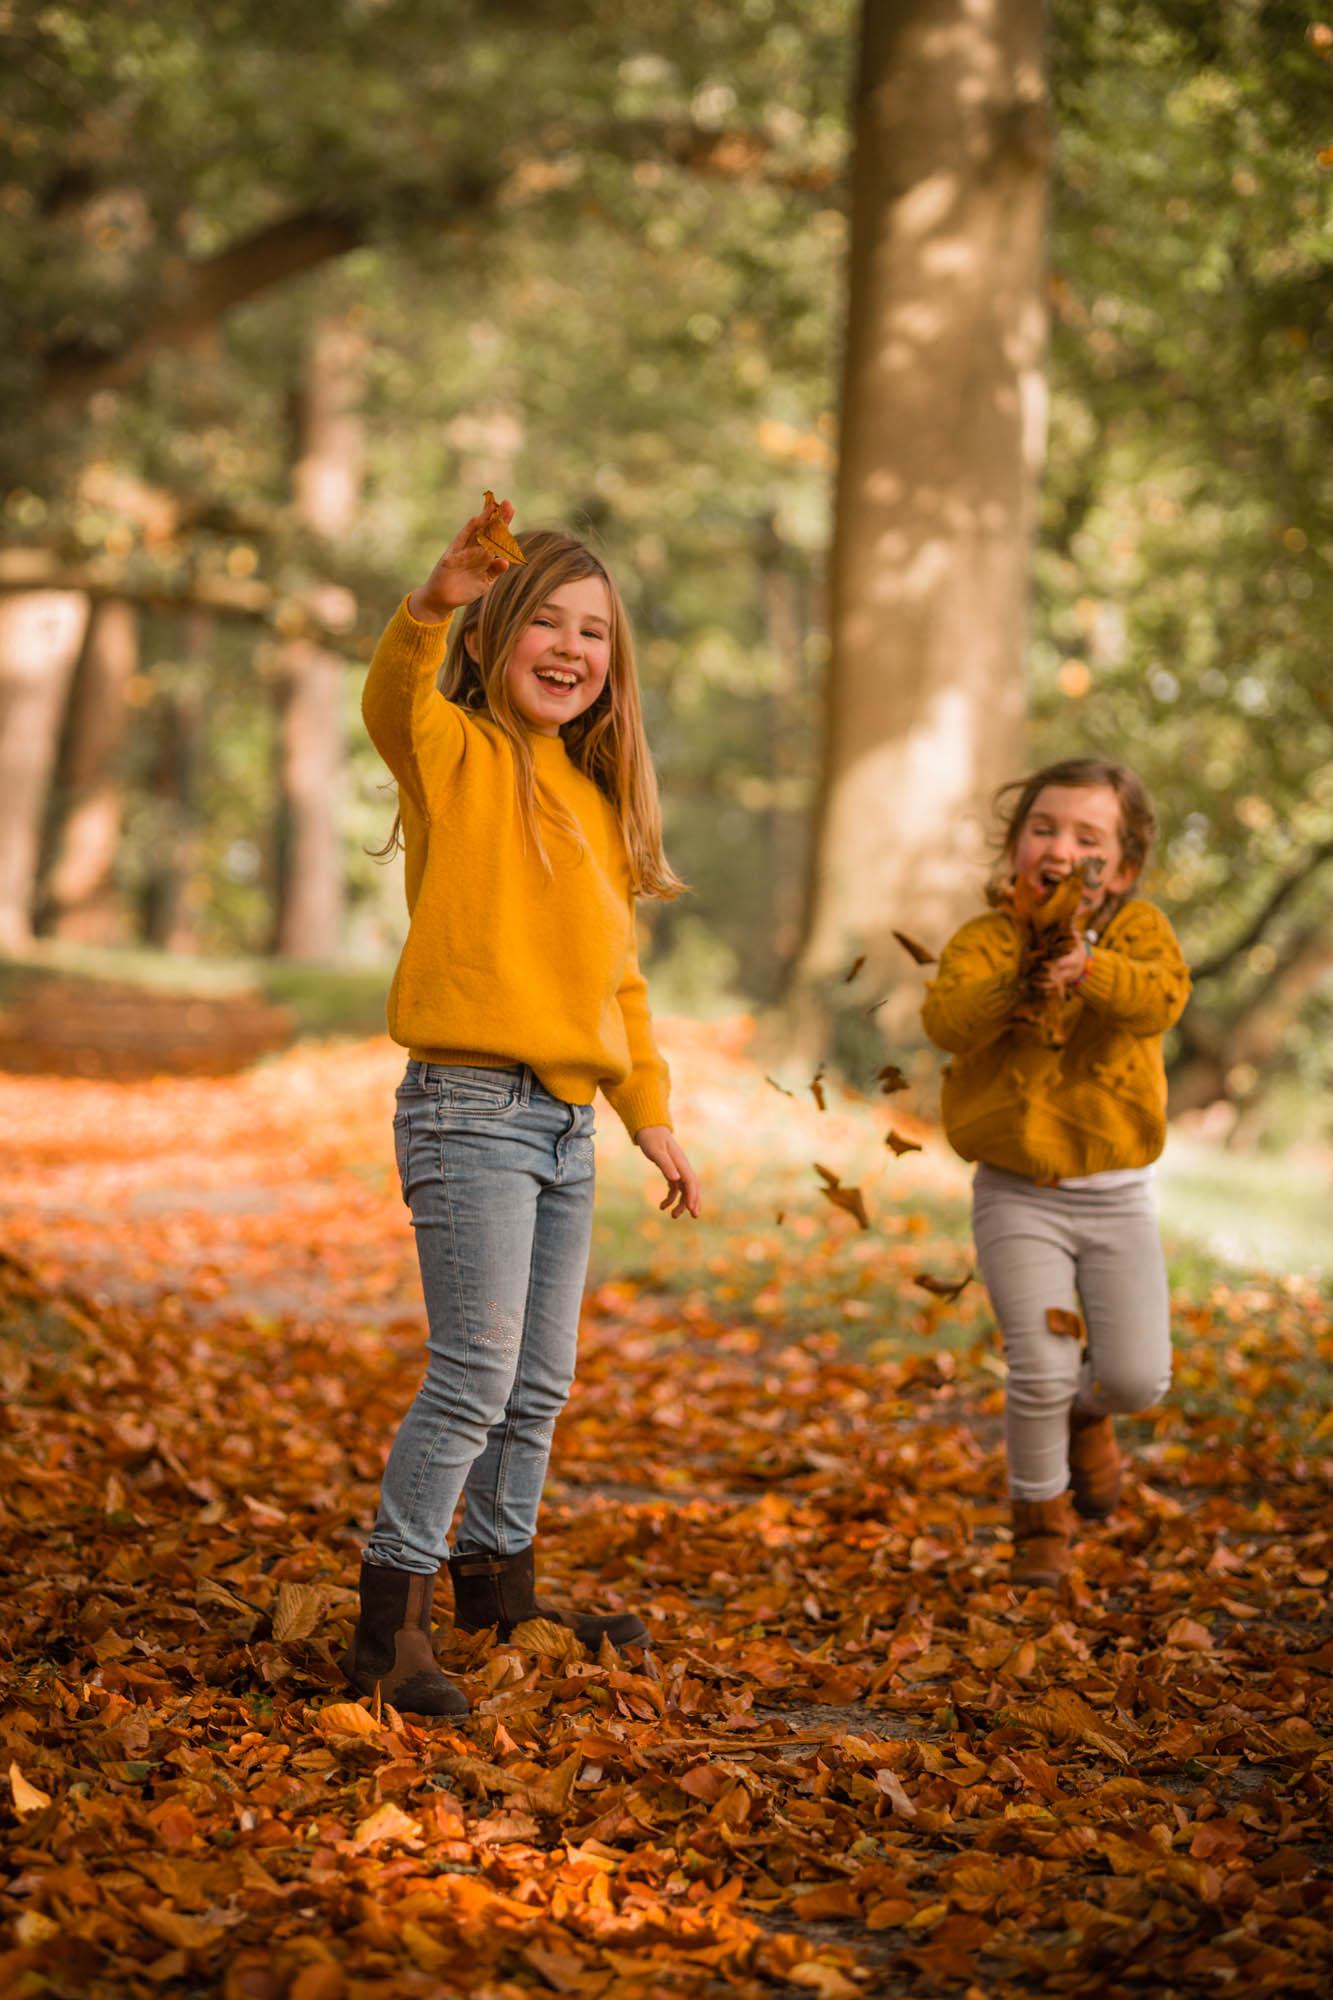 Zusjes die met herfstbladeren spelen in herfst bos door mayrafotografie